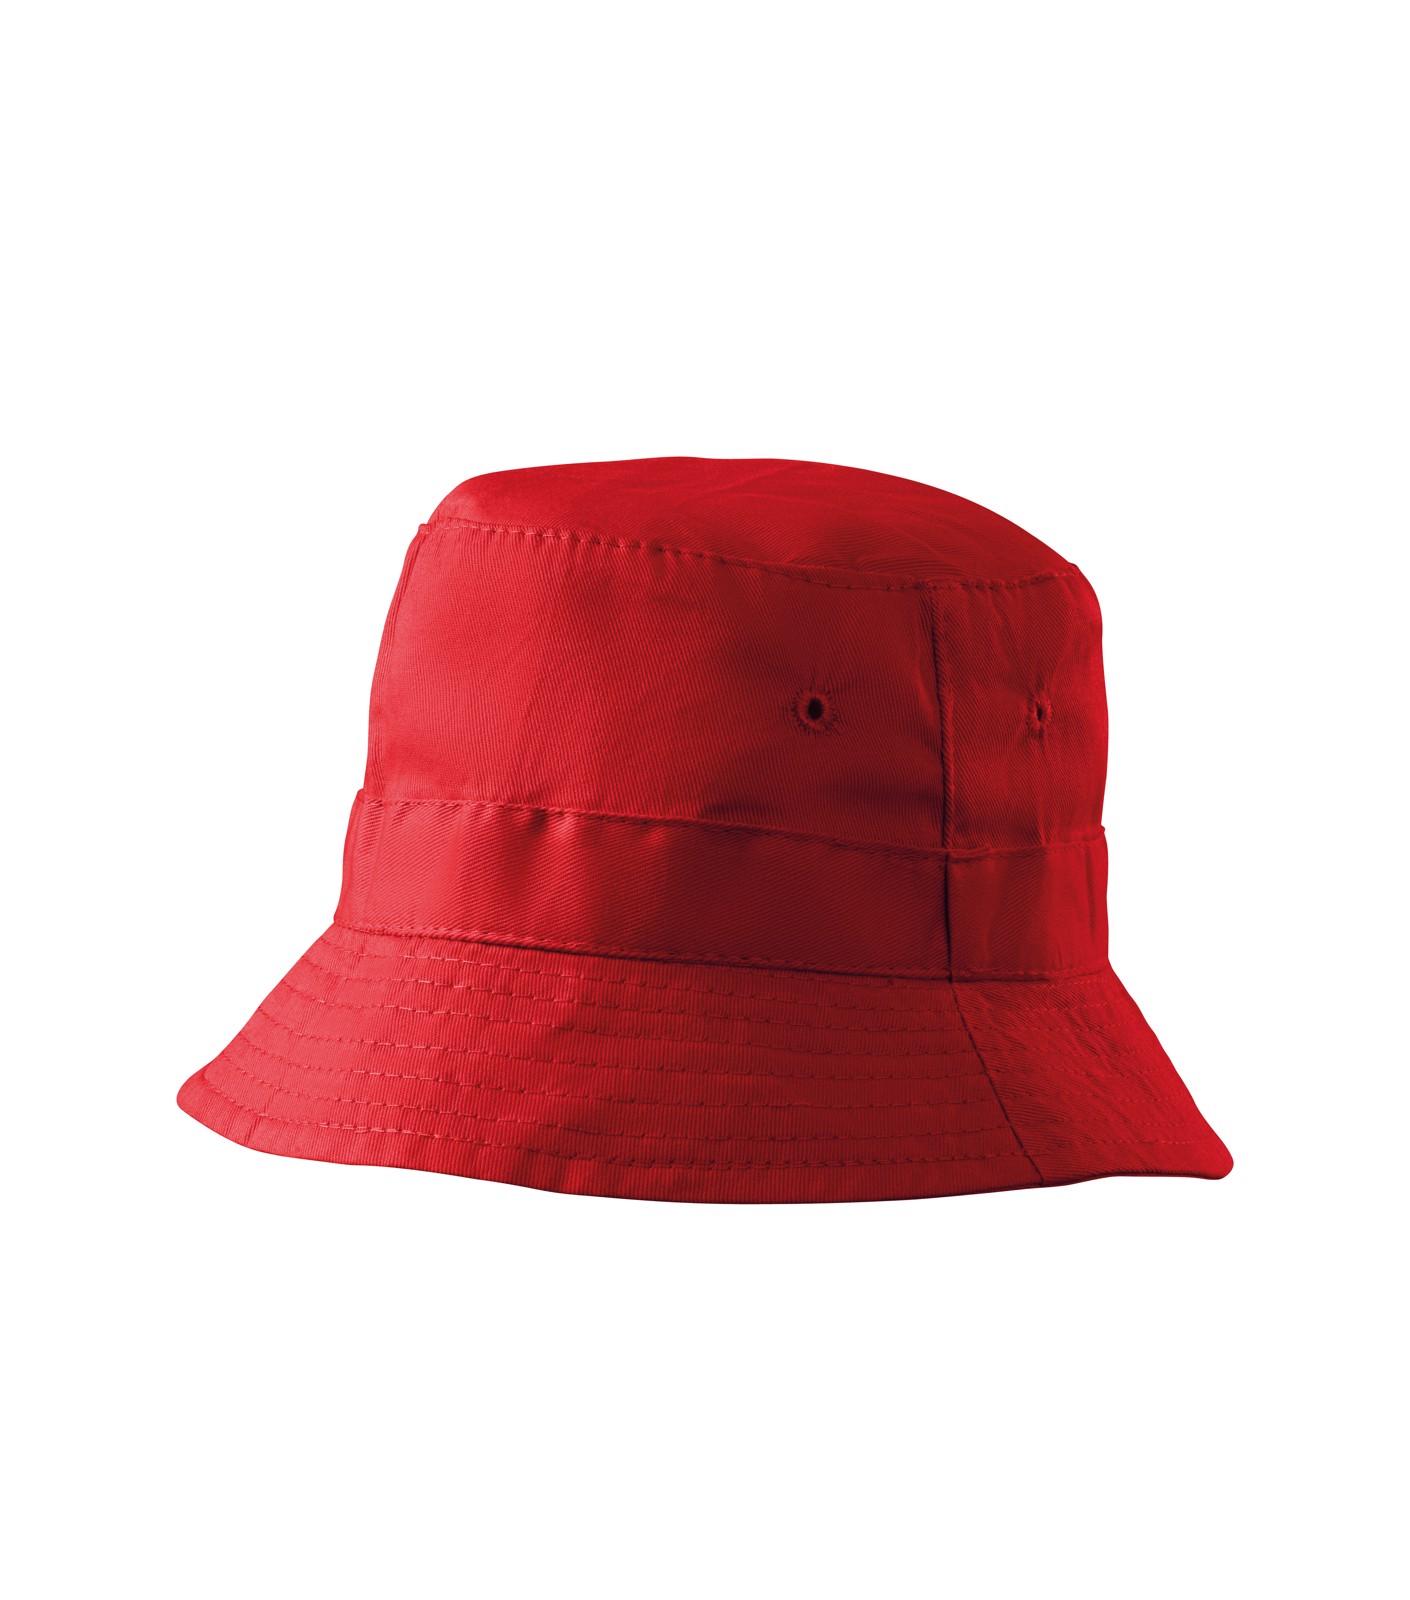 Hat unisex Malfini Classic - Red / uni